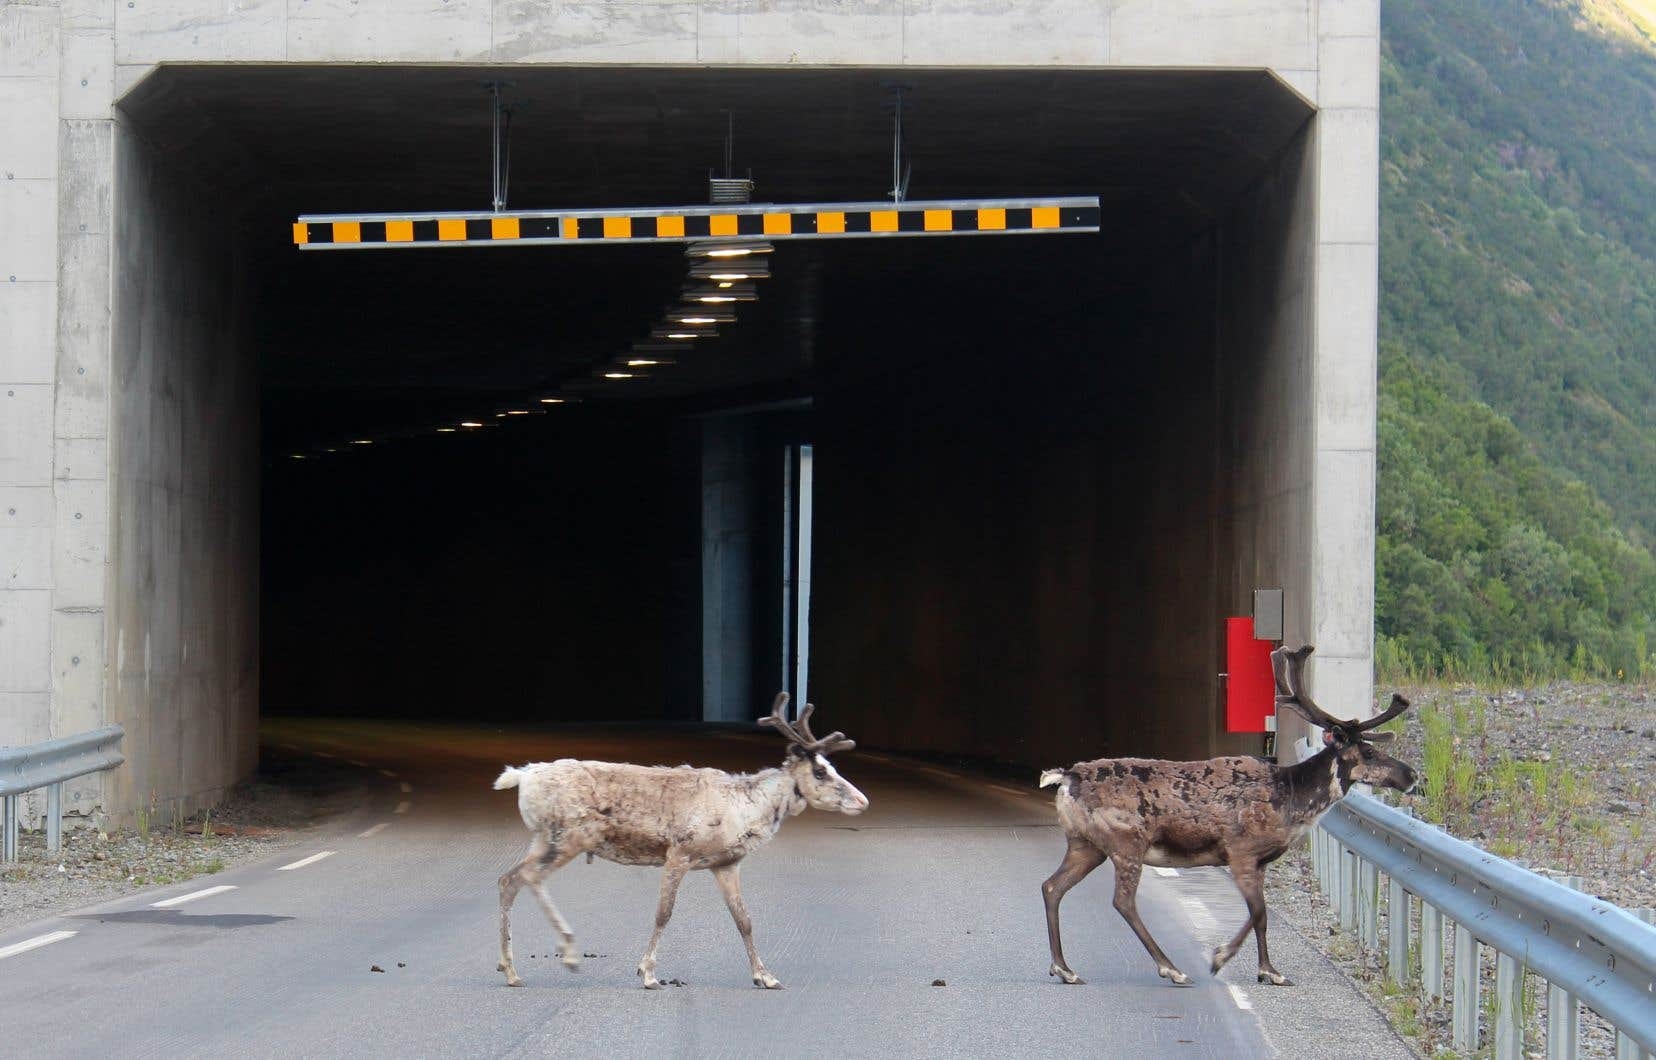 Les autorités norvégiennes ont appelé les automobilistes à redoubler de vigilance face aux rennes.